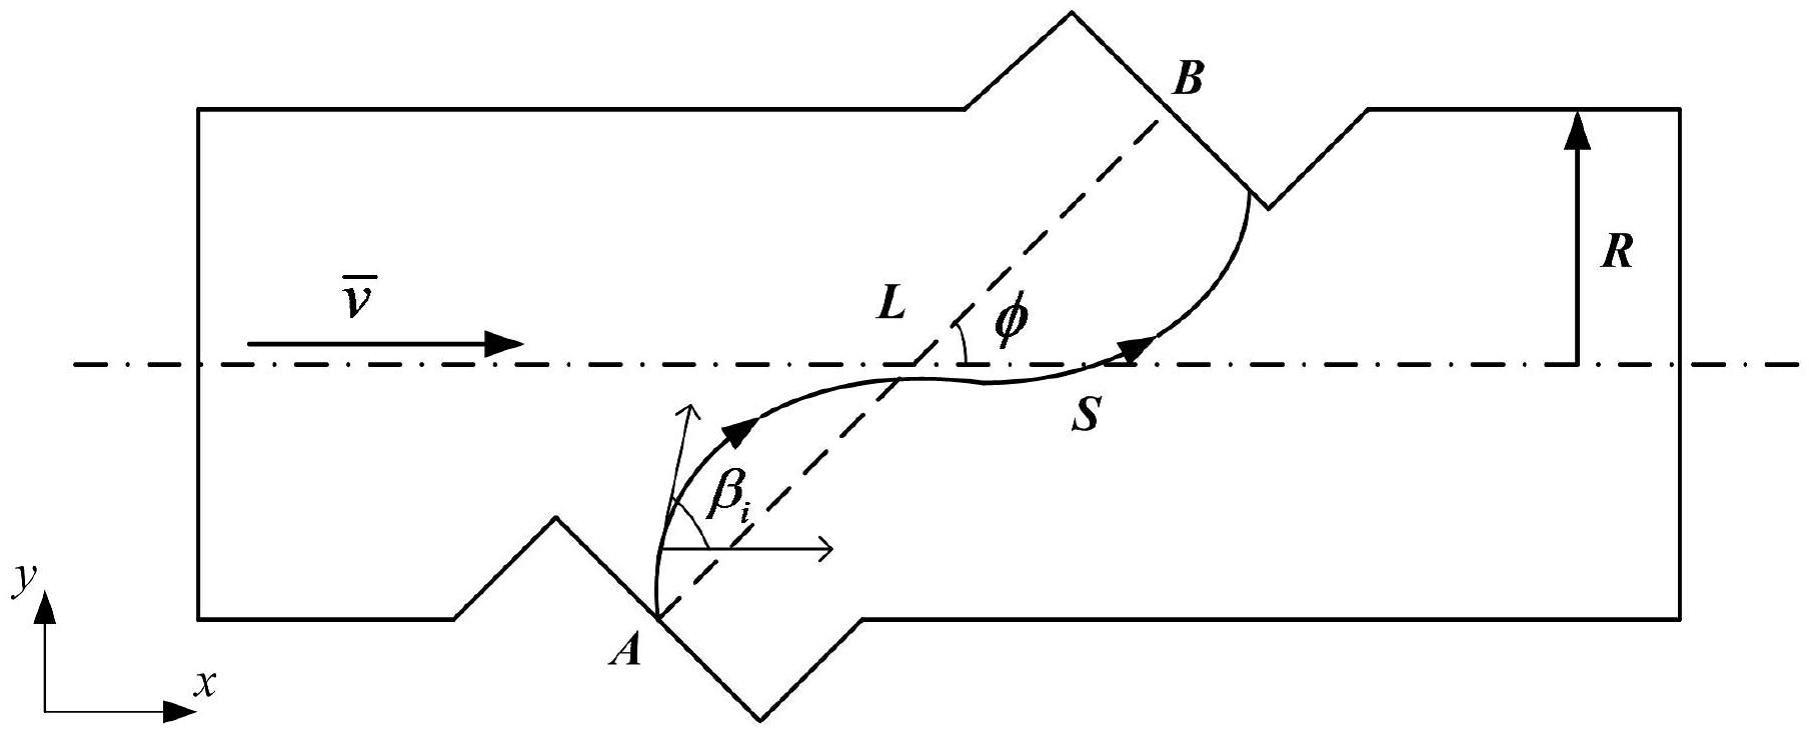 【仪表新专利】提高气体超声流量计测量精度的方法